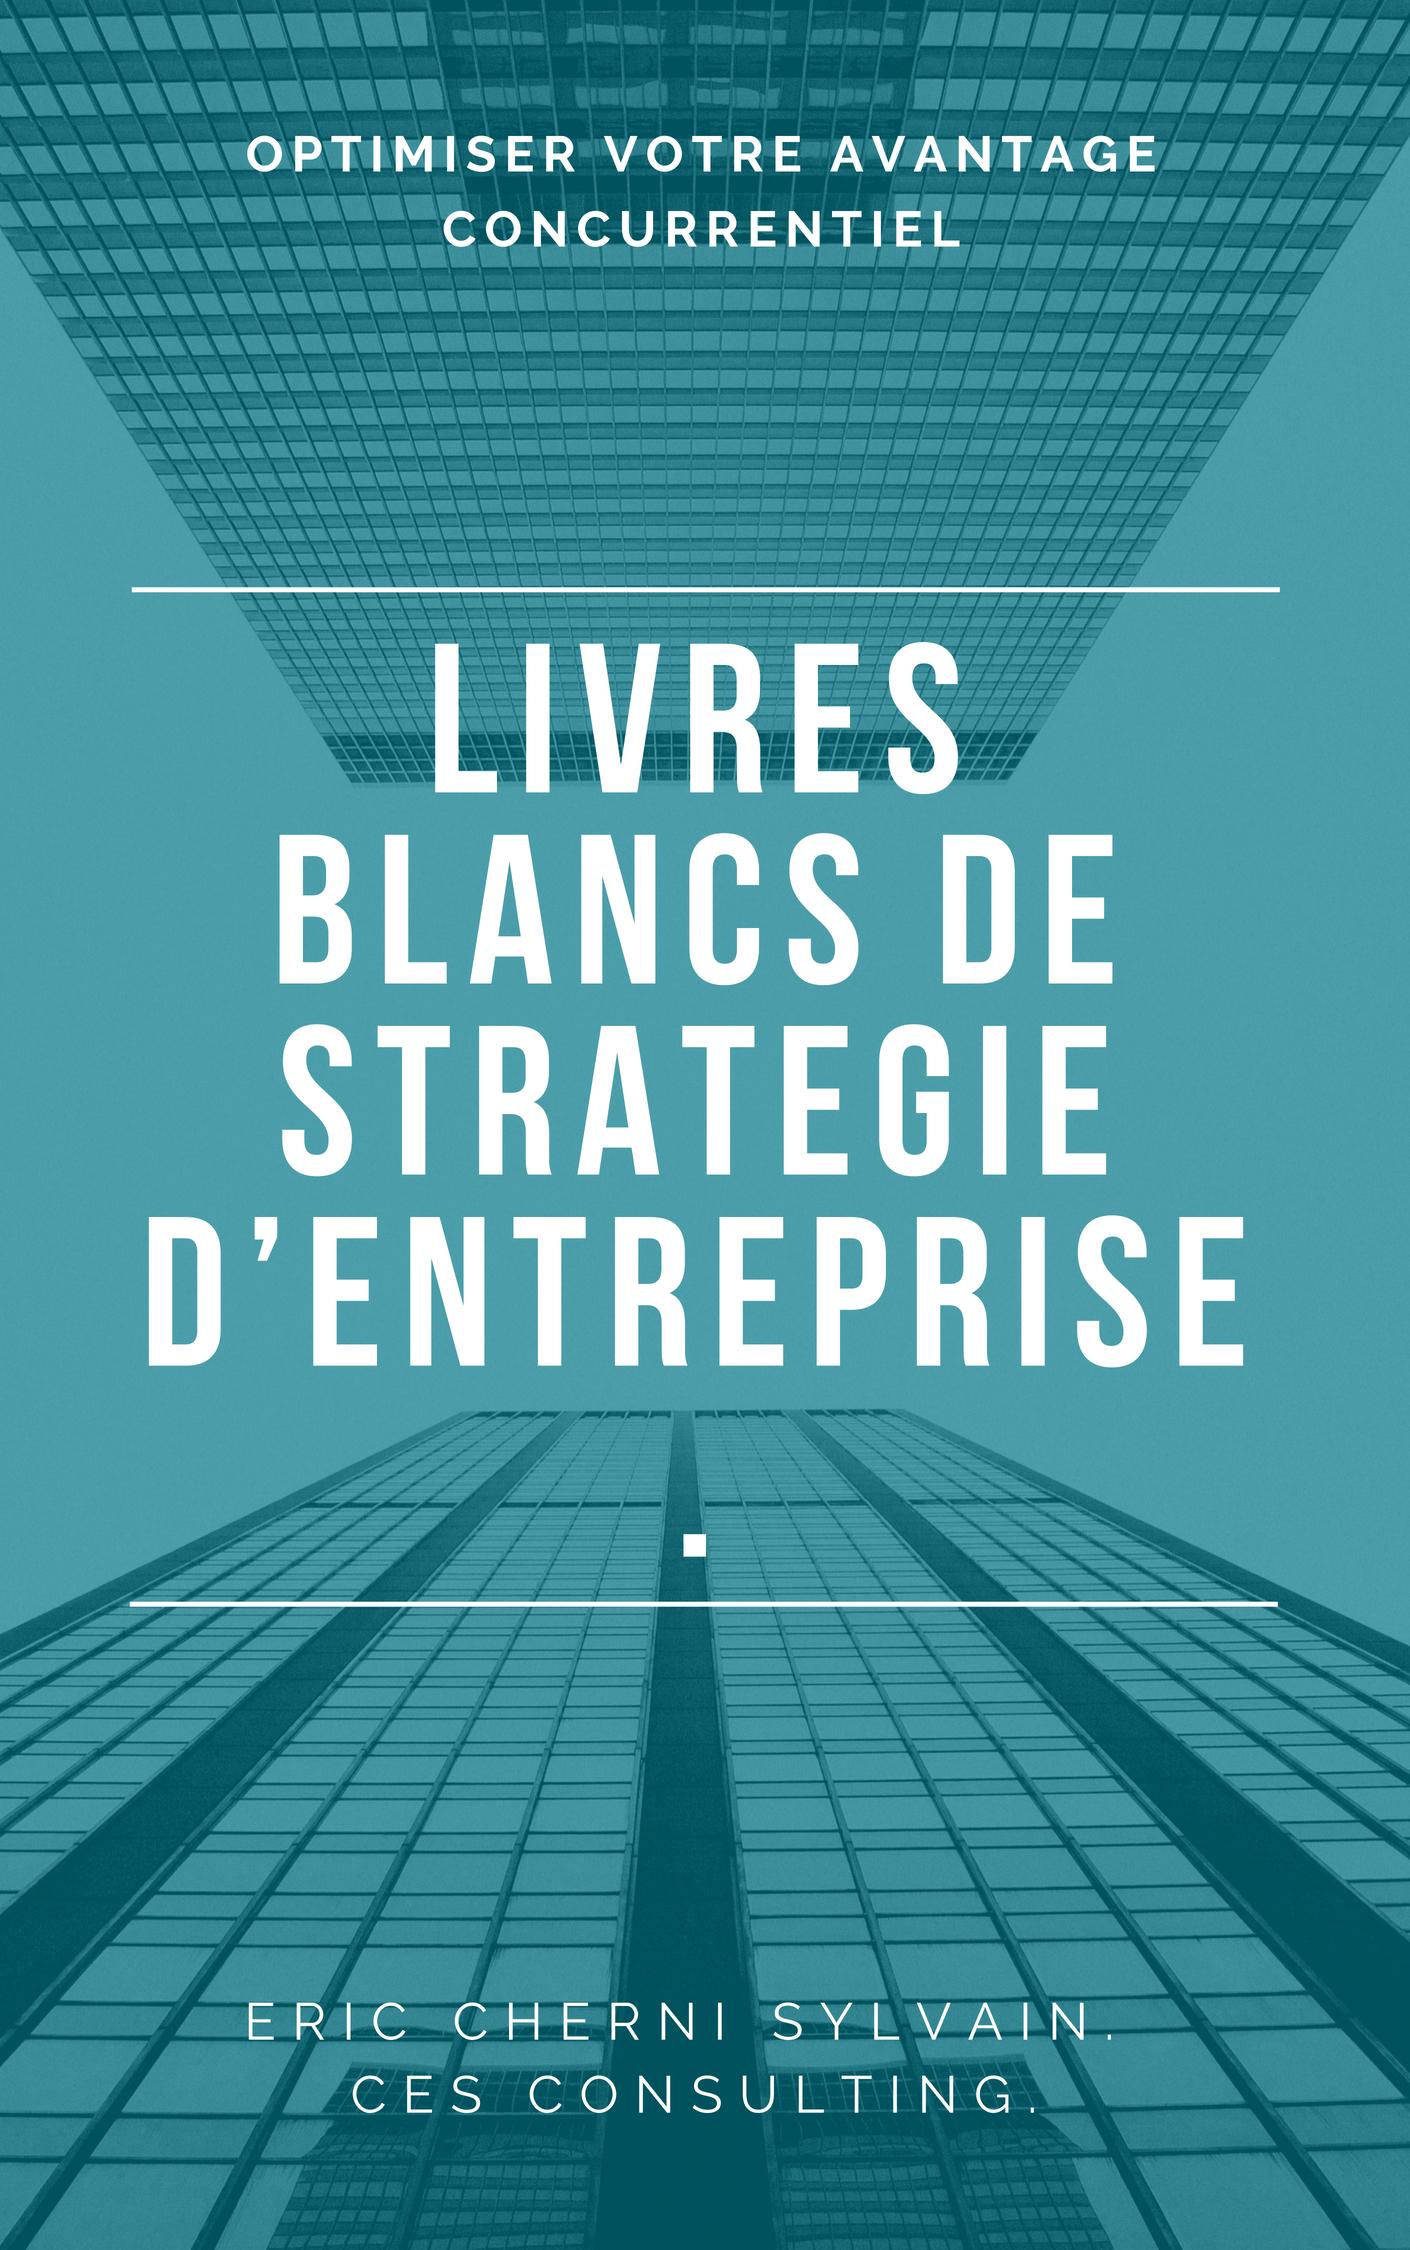 Livres Blancs de Stratégie d'Entreprise . Optimiser votre avantage concurrentiel.